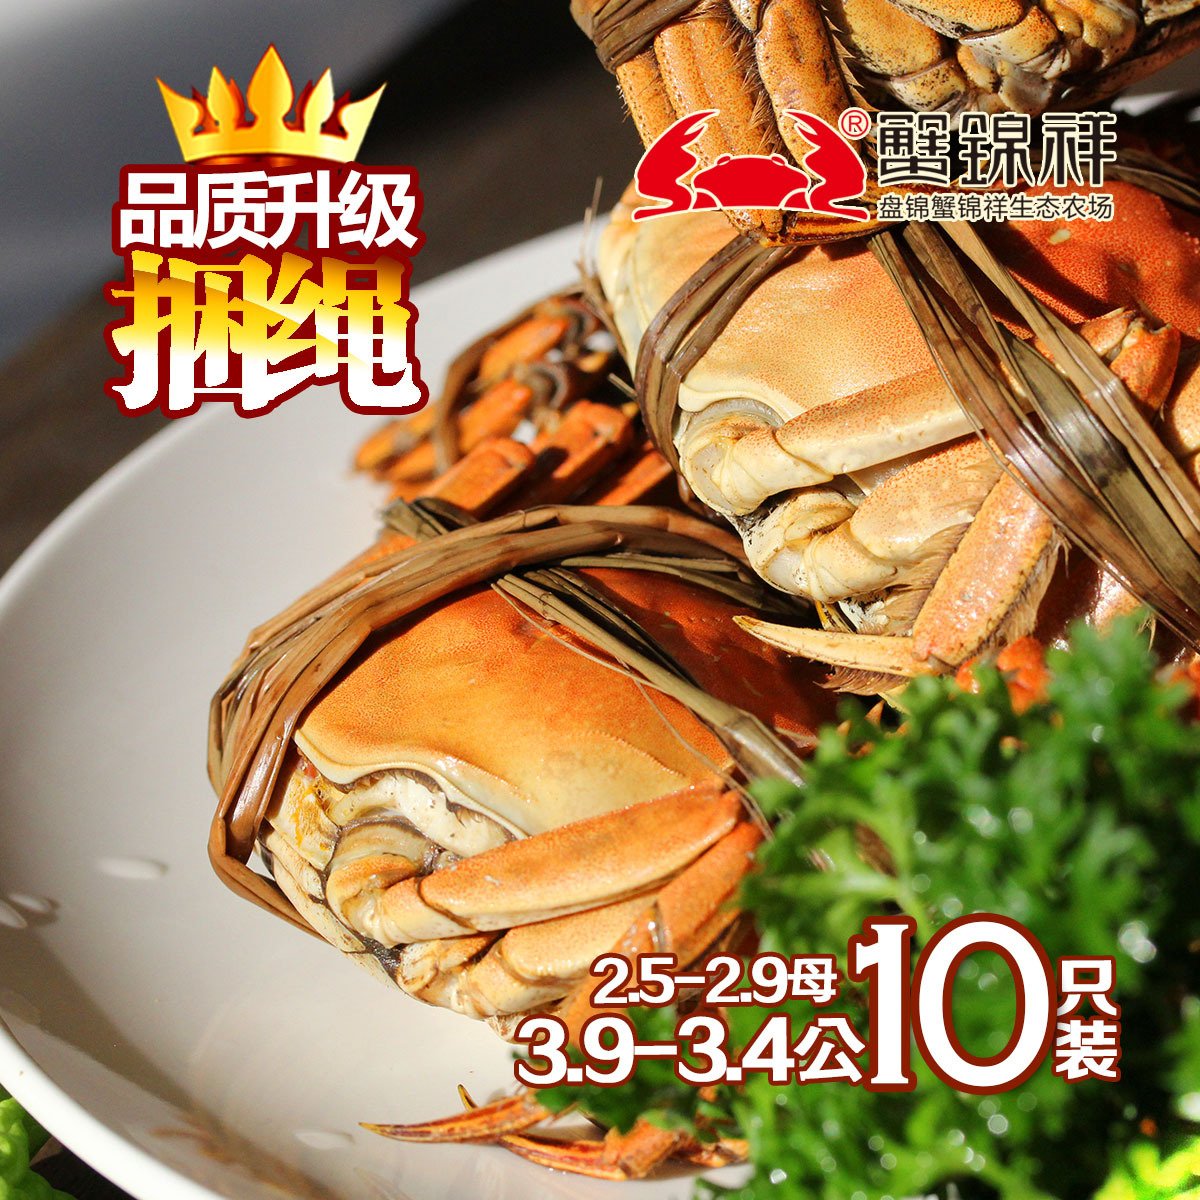 阳澄鲜活螃蟹湖中明珠大闸蟹3-3.2母8只